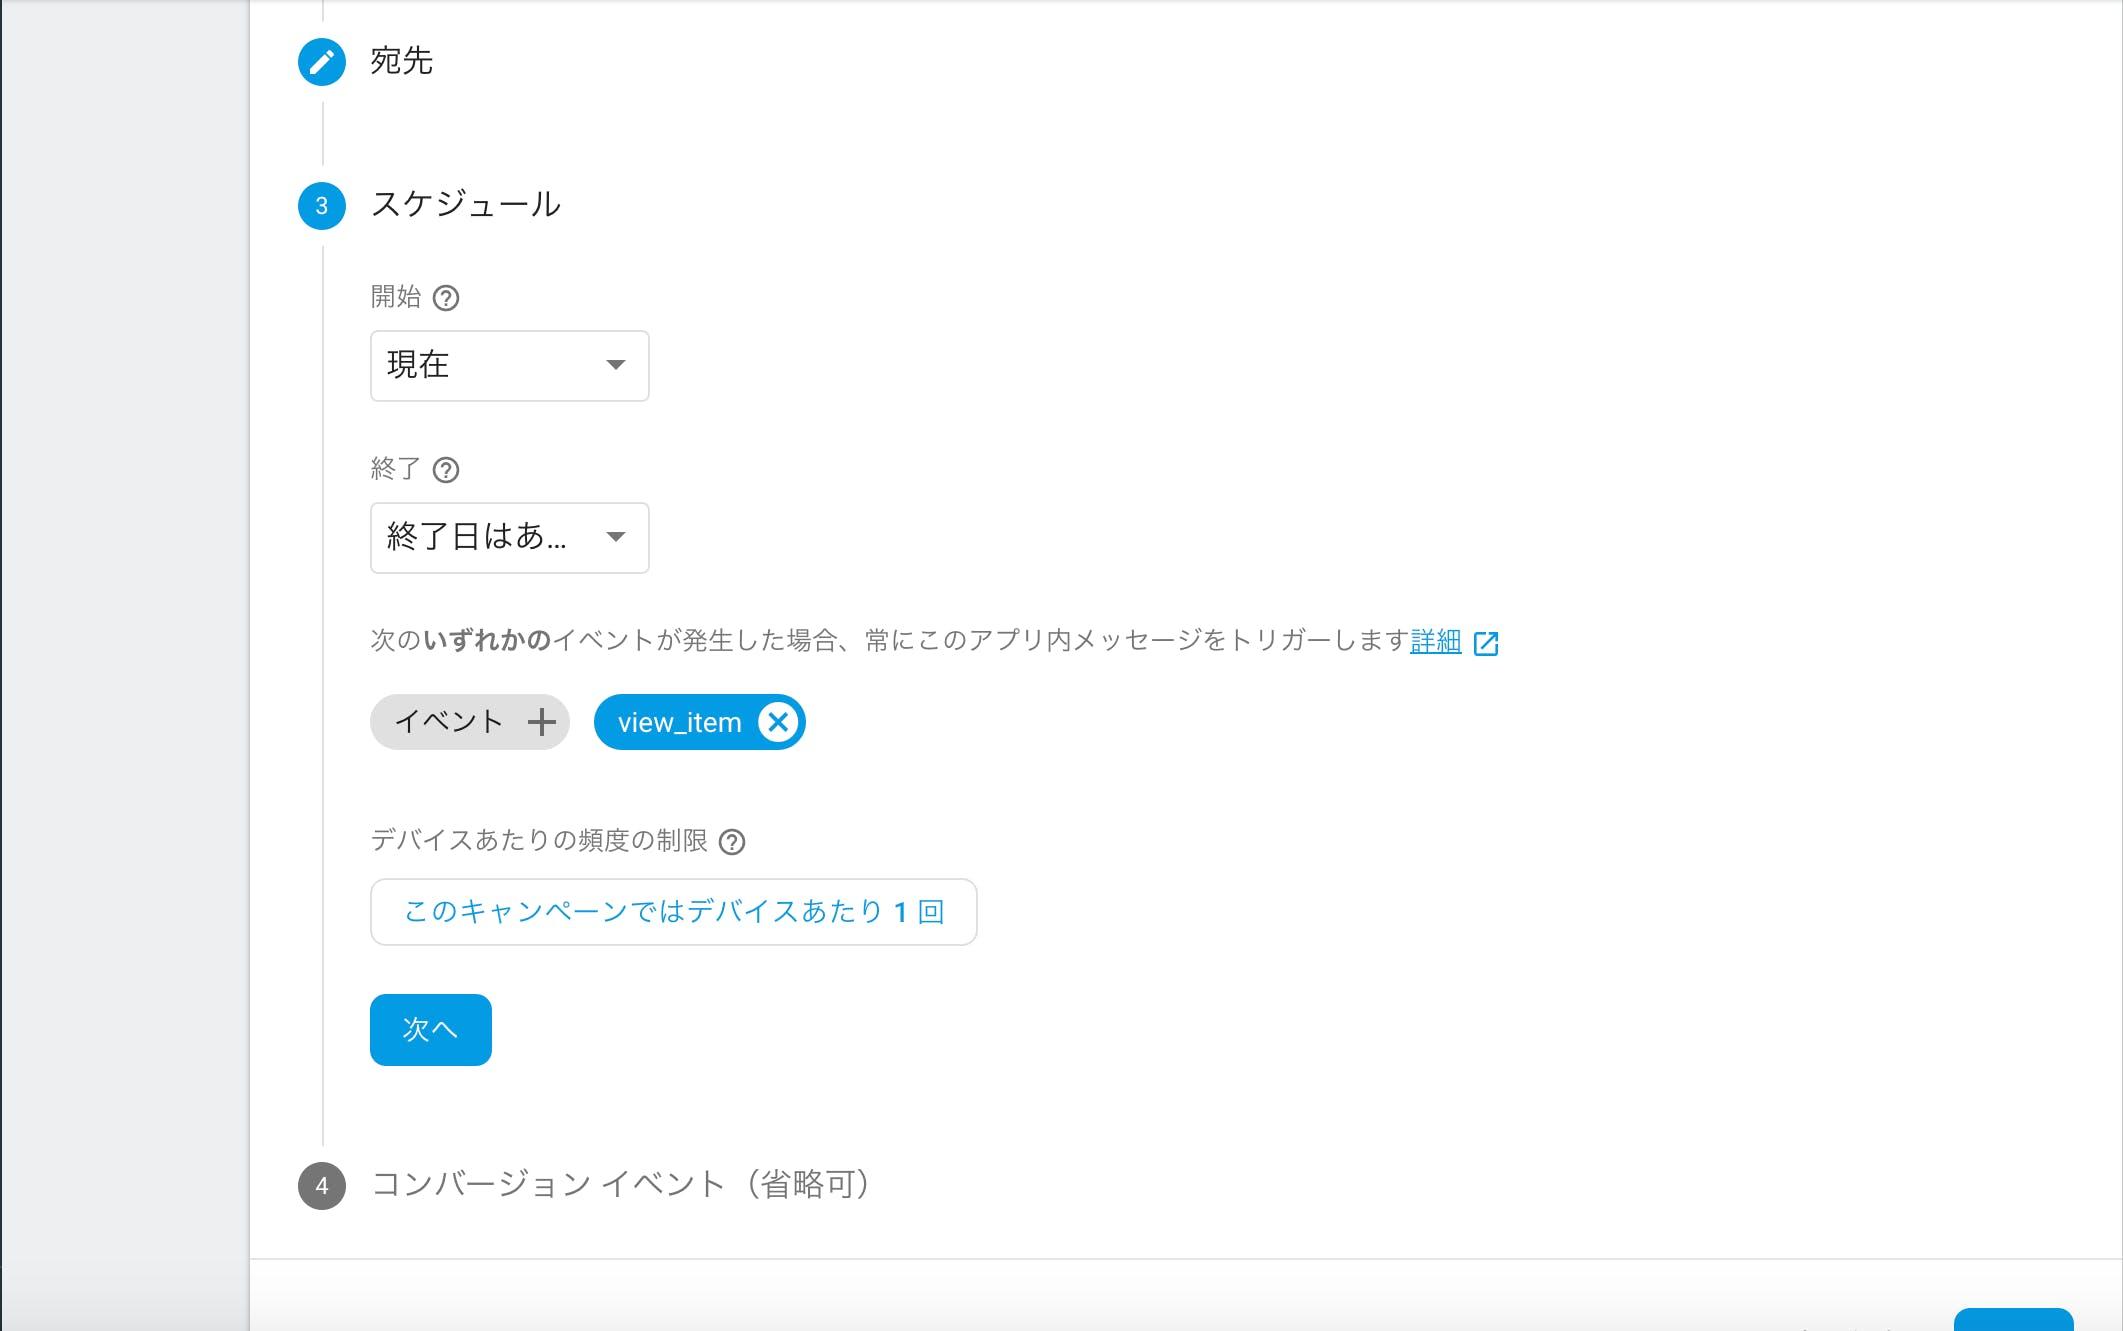 スクリーンショット 2019-06-21 0.30.20.png